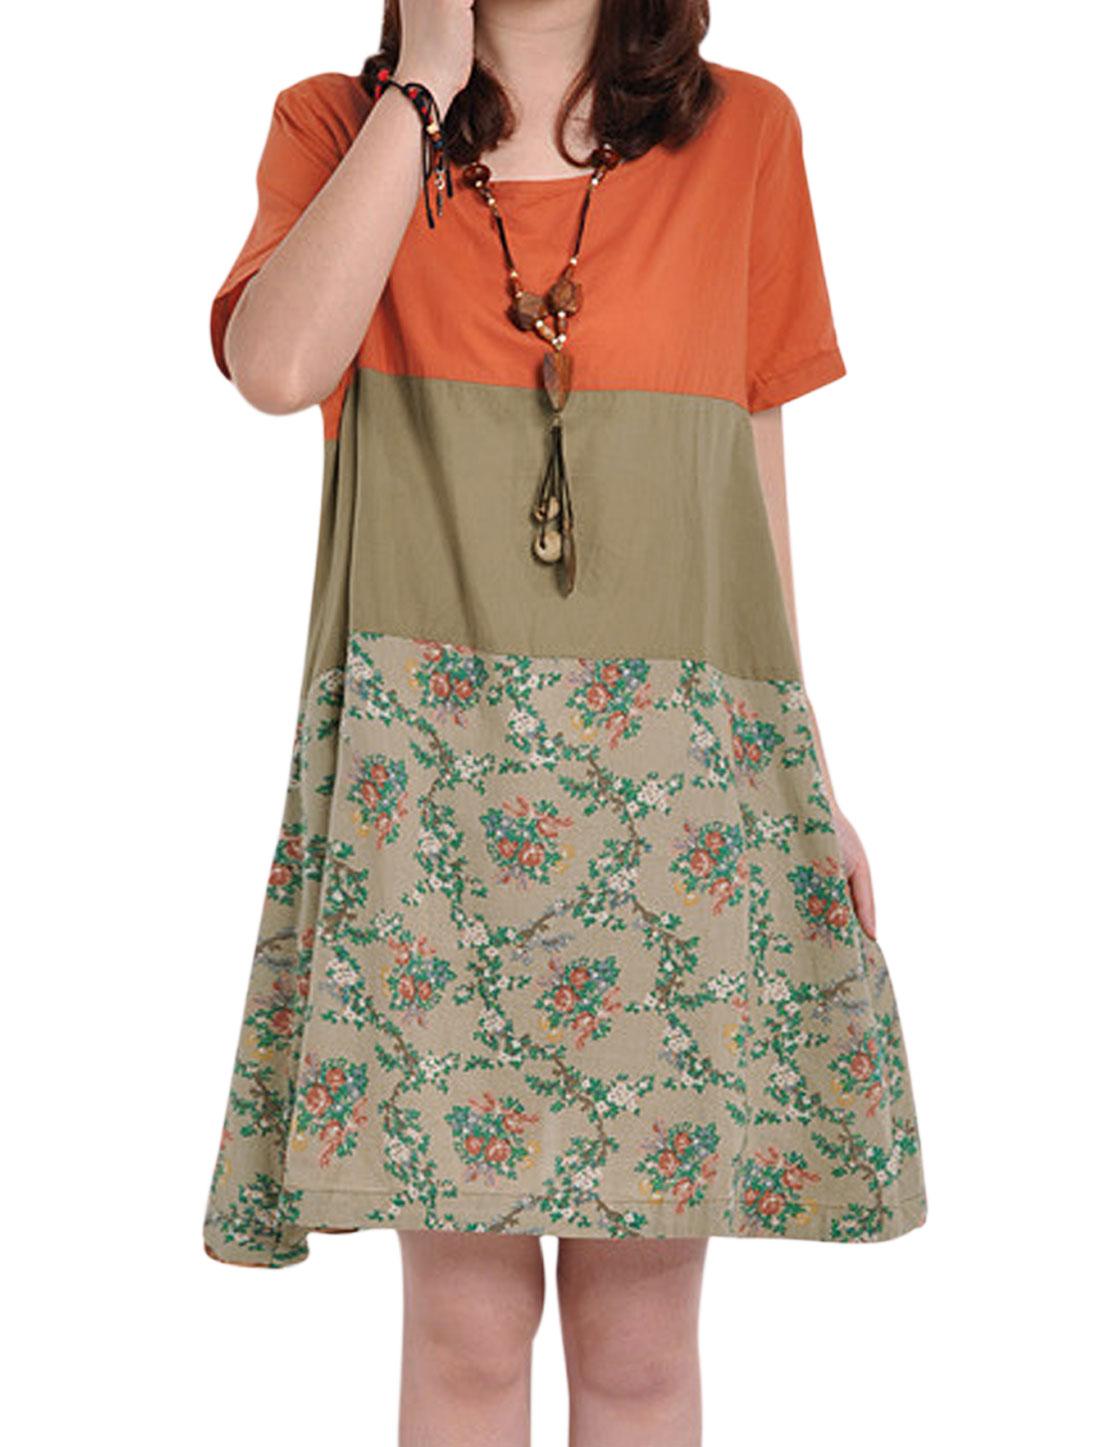 Lady Colorblock Floral Prints Button Closure Back Tea Dress Orange Taupe M